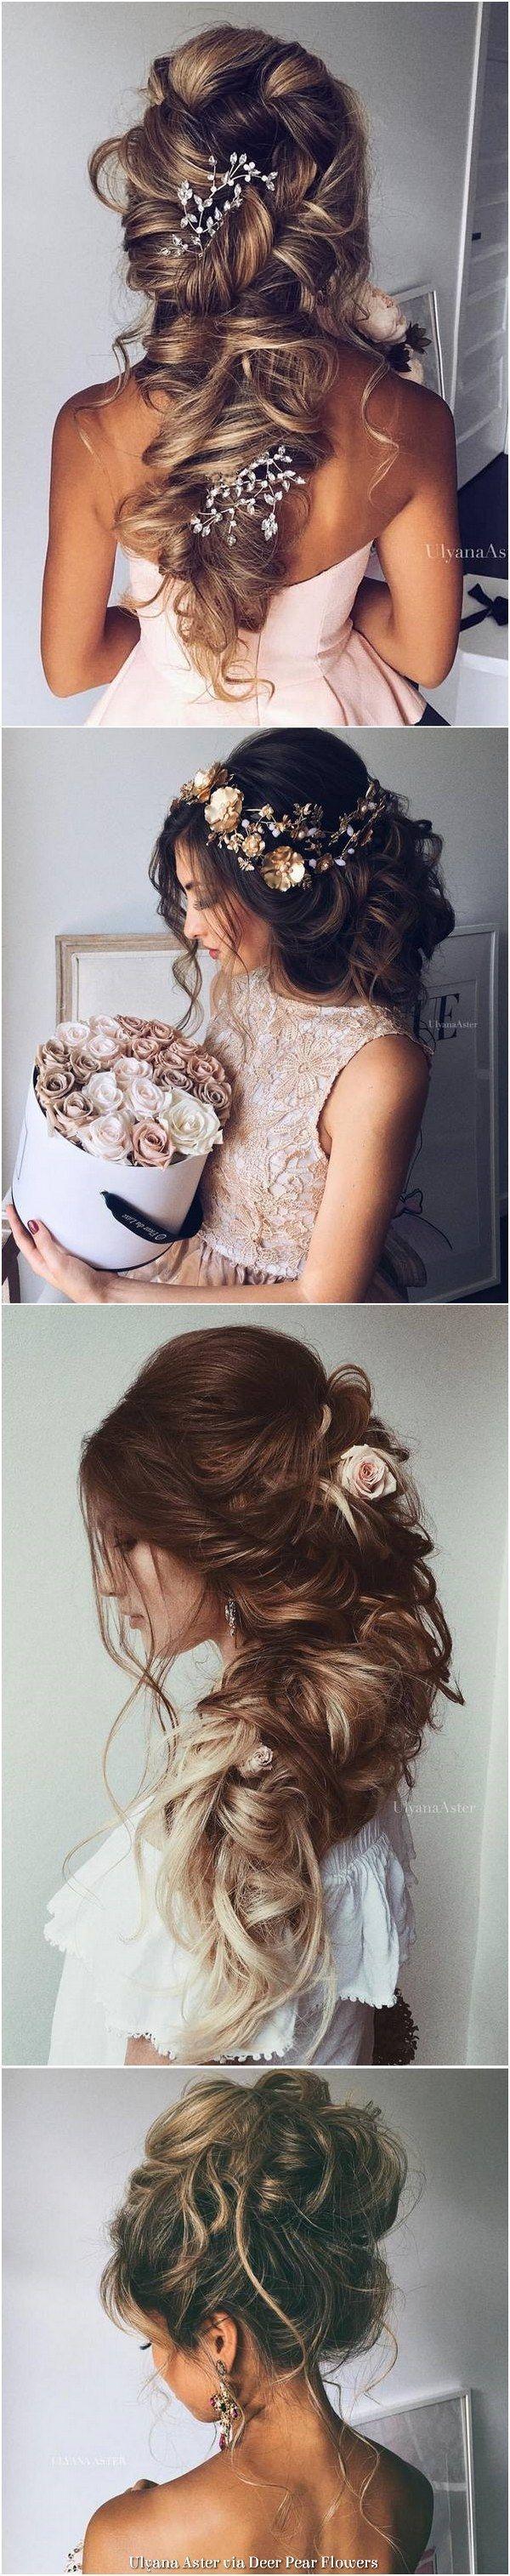 Ulyana Aster Long Wedding Hairstyles Inspiration - http://www.ulyanaaster.com | Deer Pearl Flowers